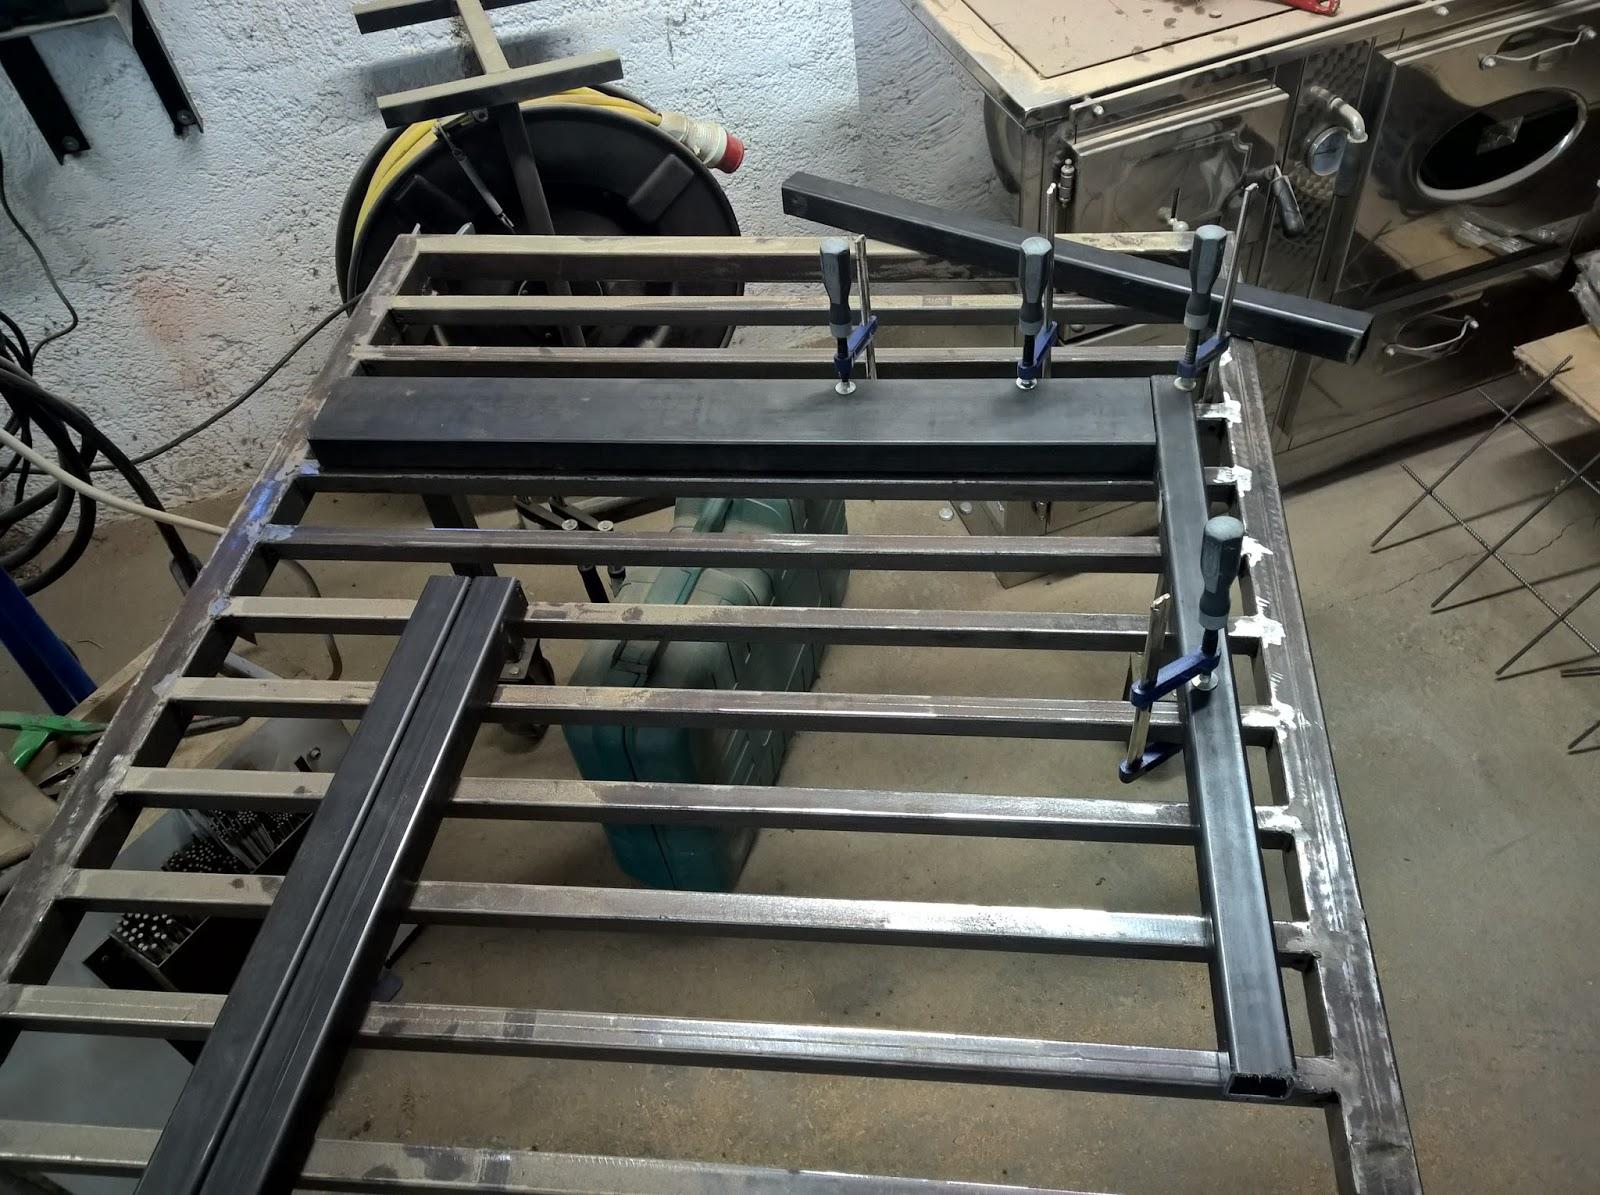 holz und metall ein heimwerkerblog terrassentisch selber bauen tischrahmen. Black Bedroom Furniture Sets. Home Design Ideas